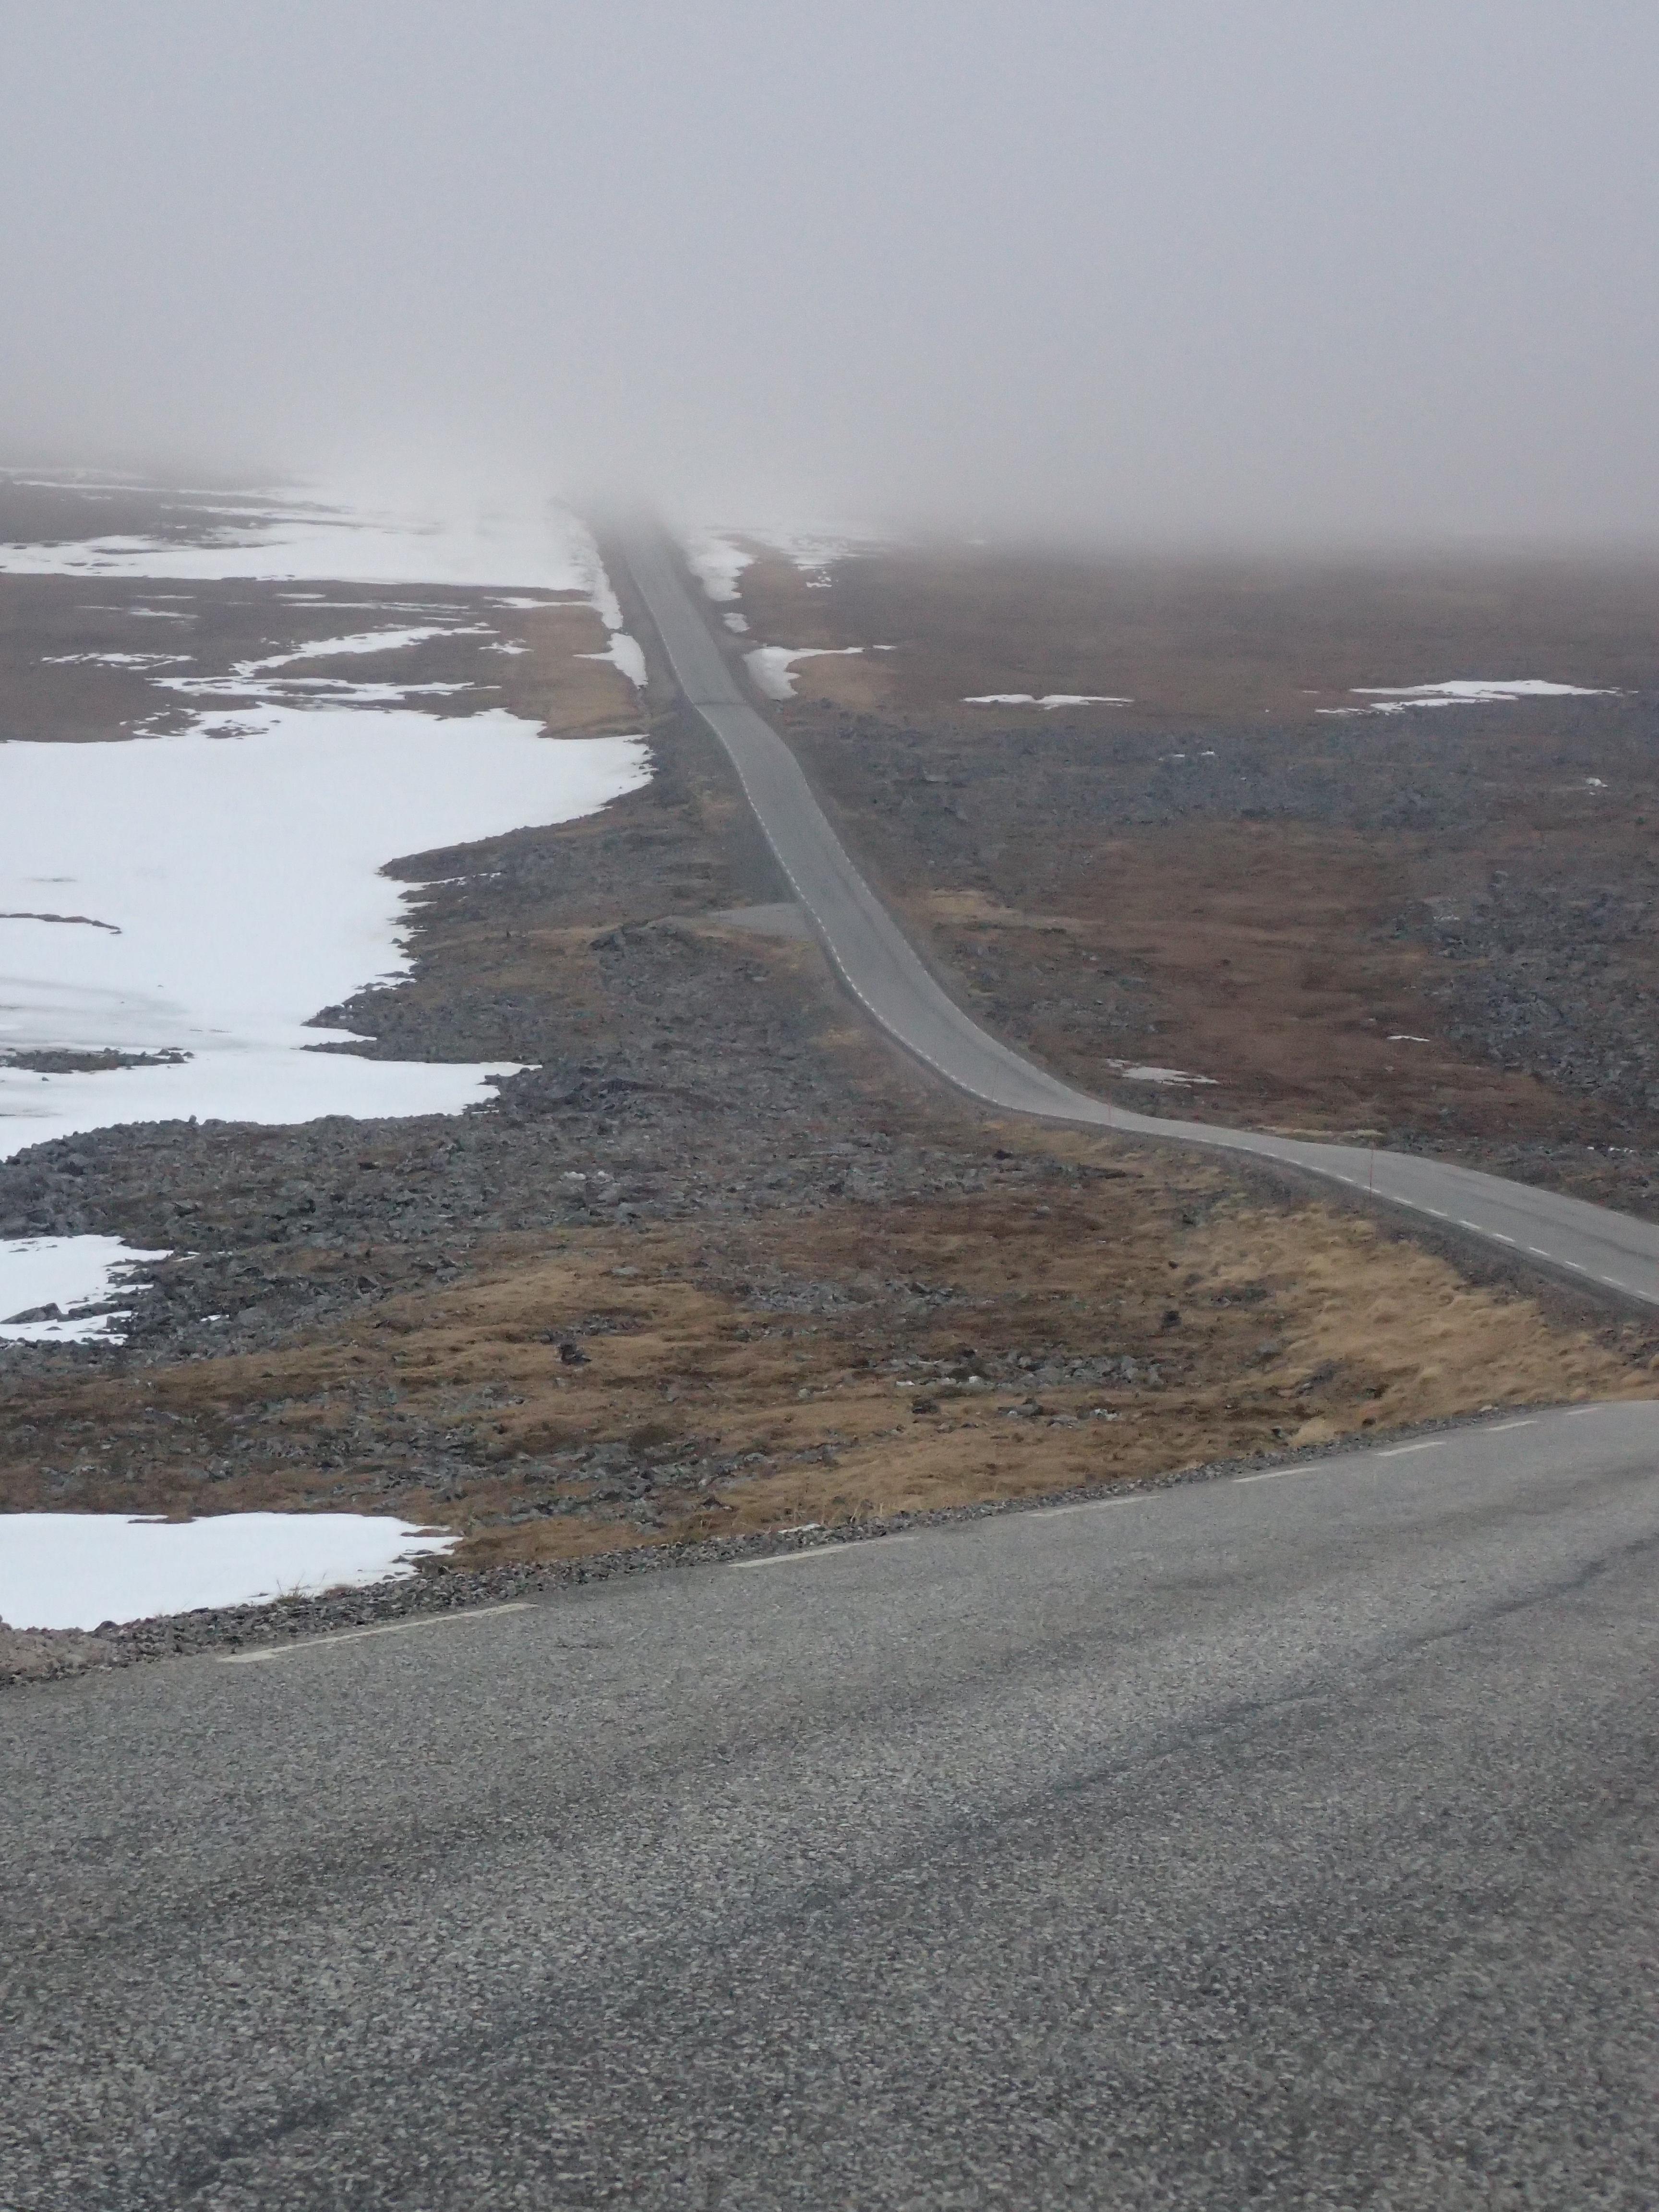 aus dem Tal führt die Straße direkt in den Nebel